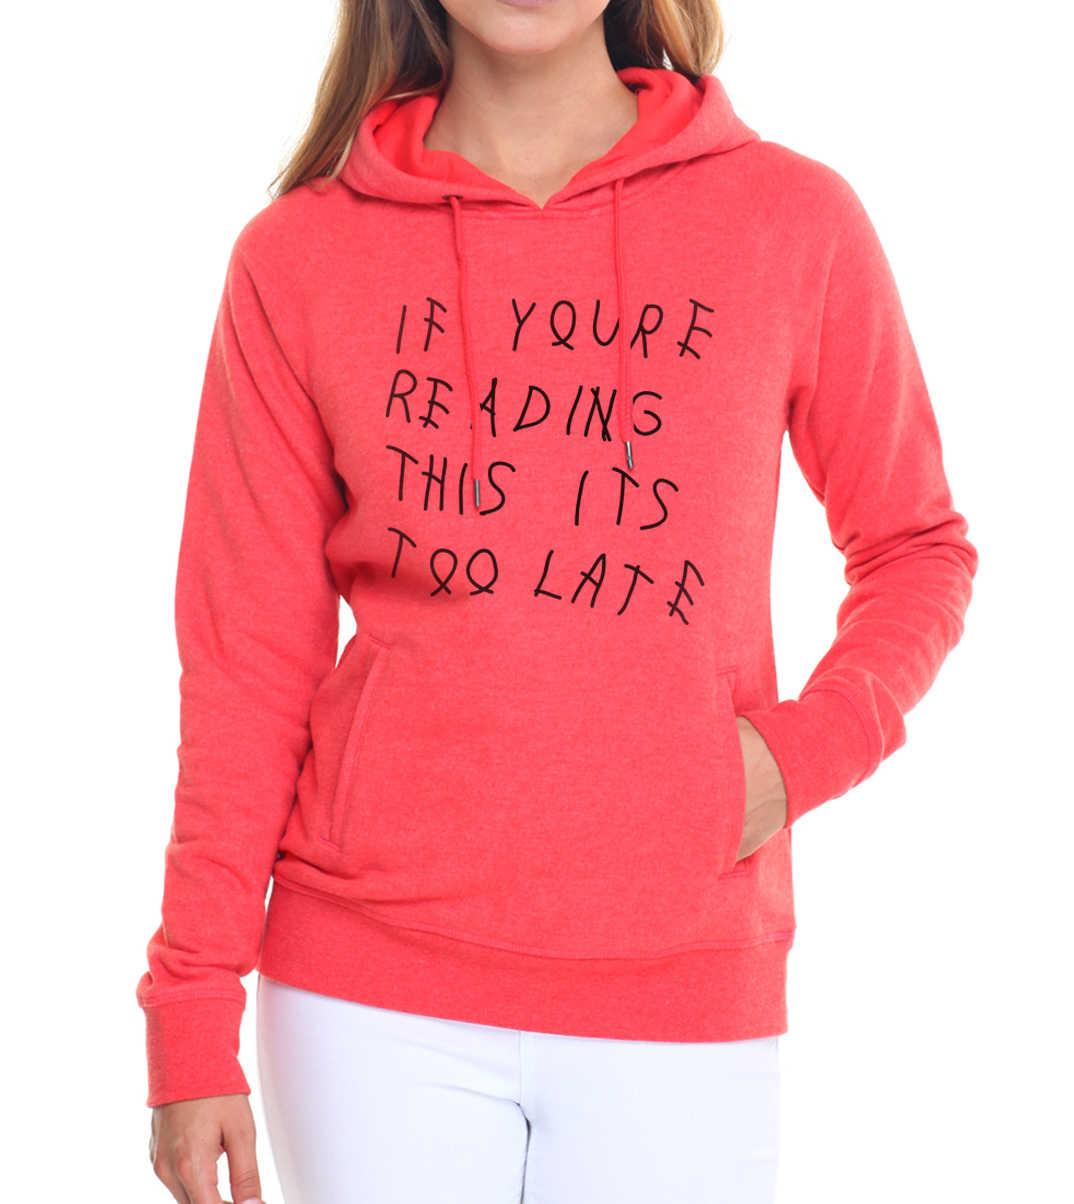 2019 Fashion Bulu Kebugaran Kaus Jika Anda Membaca Ini Terlambat Pullover Wanita Hipster Kpop Hoodies Merek Pakaian Latihan Yg Hangat